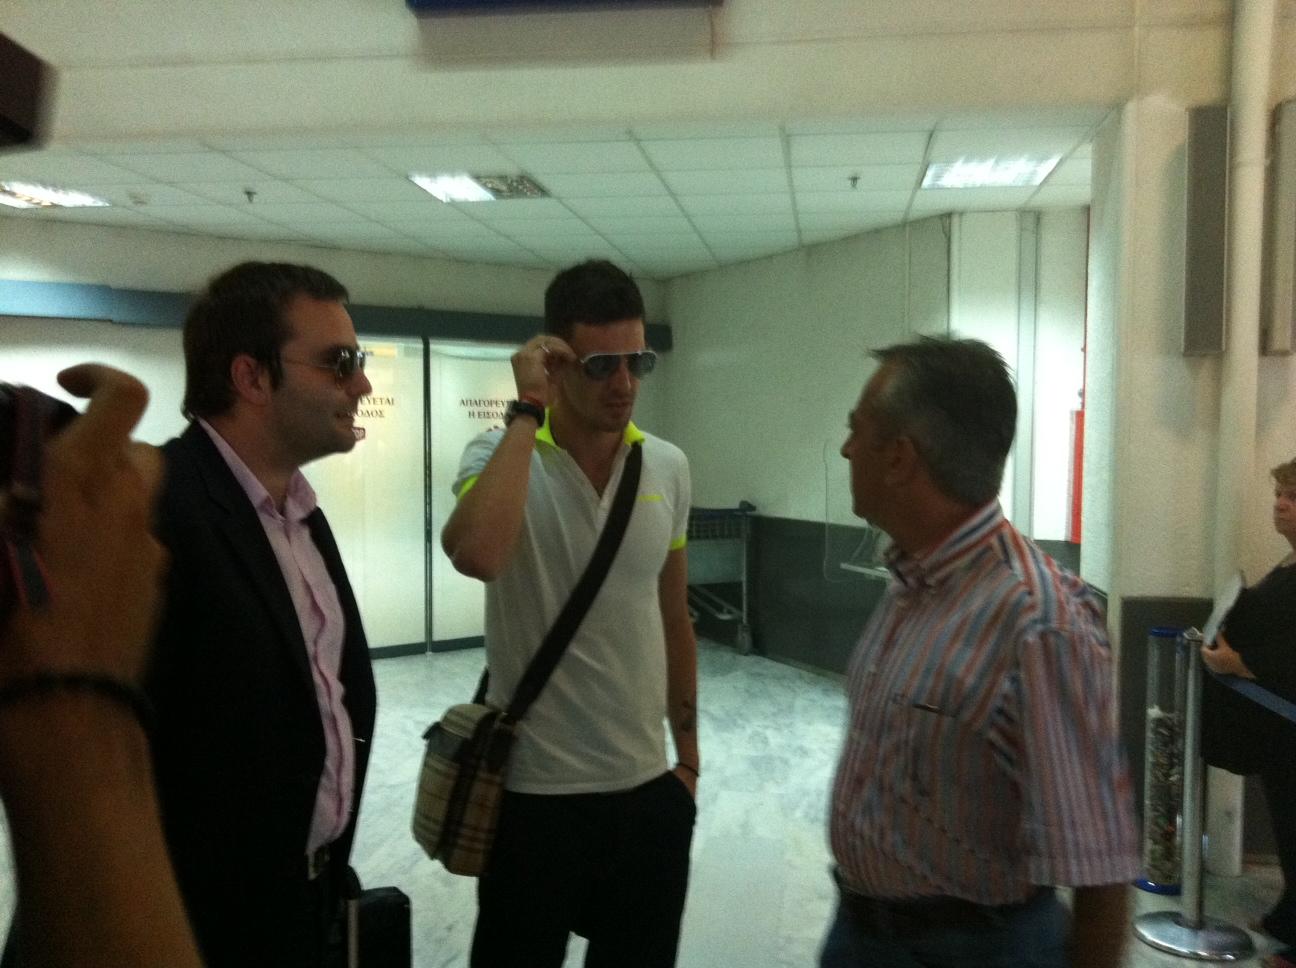 Μάντζιος: «Kίνητρο για για να έρθω στoν ΟΦΗ, Μαχλάς, Αναστόπουλος και κόσμος»